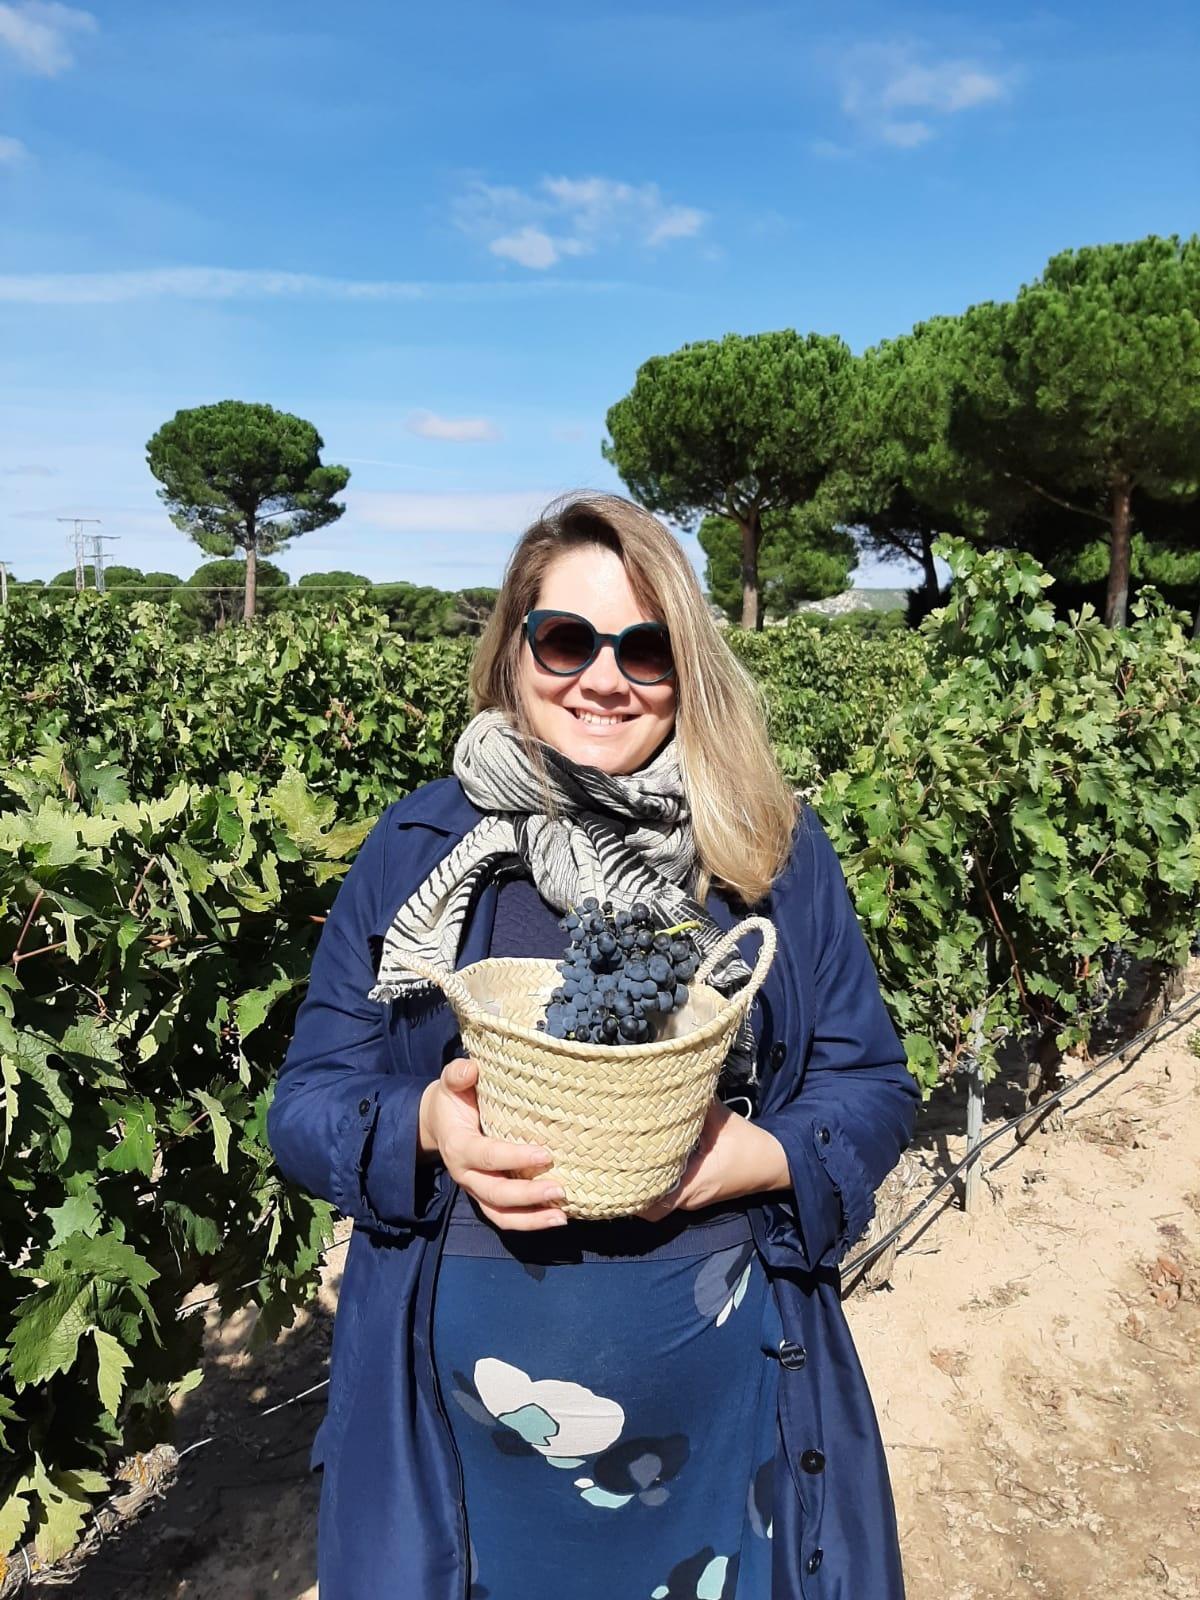 Espanja on yksi maailman suurimmista viinintuottajista ja Ribera del Duero on La Riojan ohella Espanjan merkittävimpiä viinialueita. Kuva: Sara Tuxen